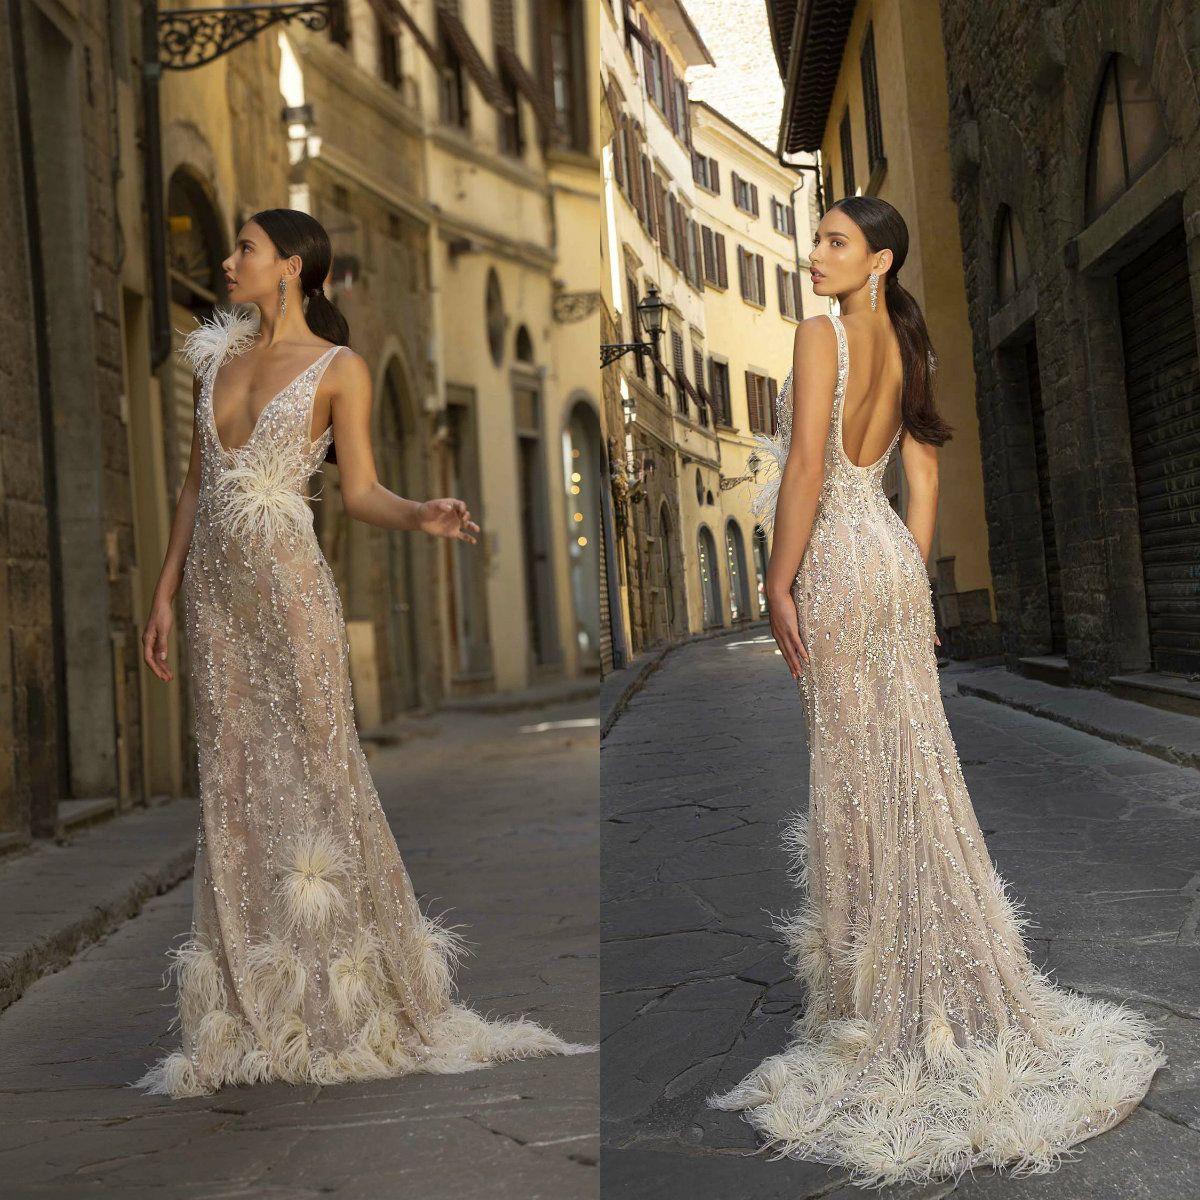 2020 Berta Abiye Dantel Boncuk Pullarda Tüy Derin V Yaka Denizkızı Abiye Seksi Backless Custom Made vestidos de Quinceañera